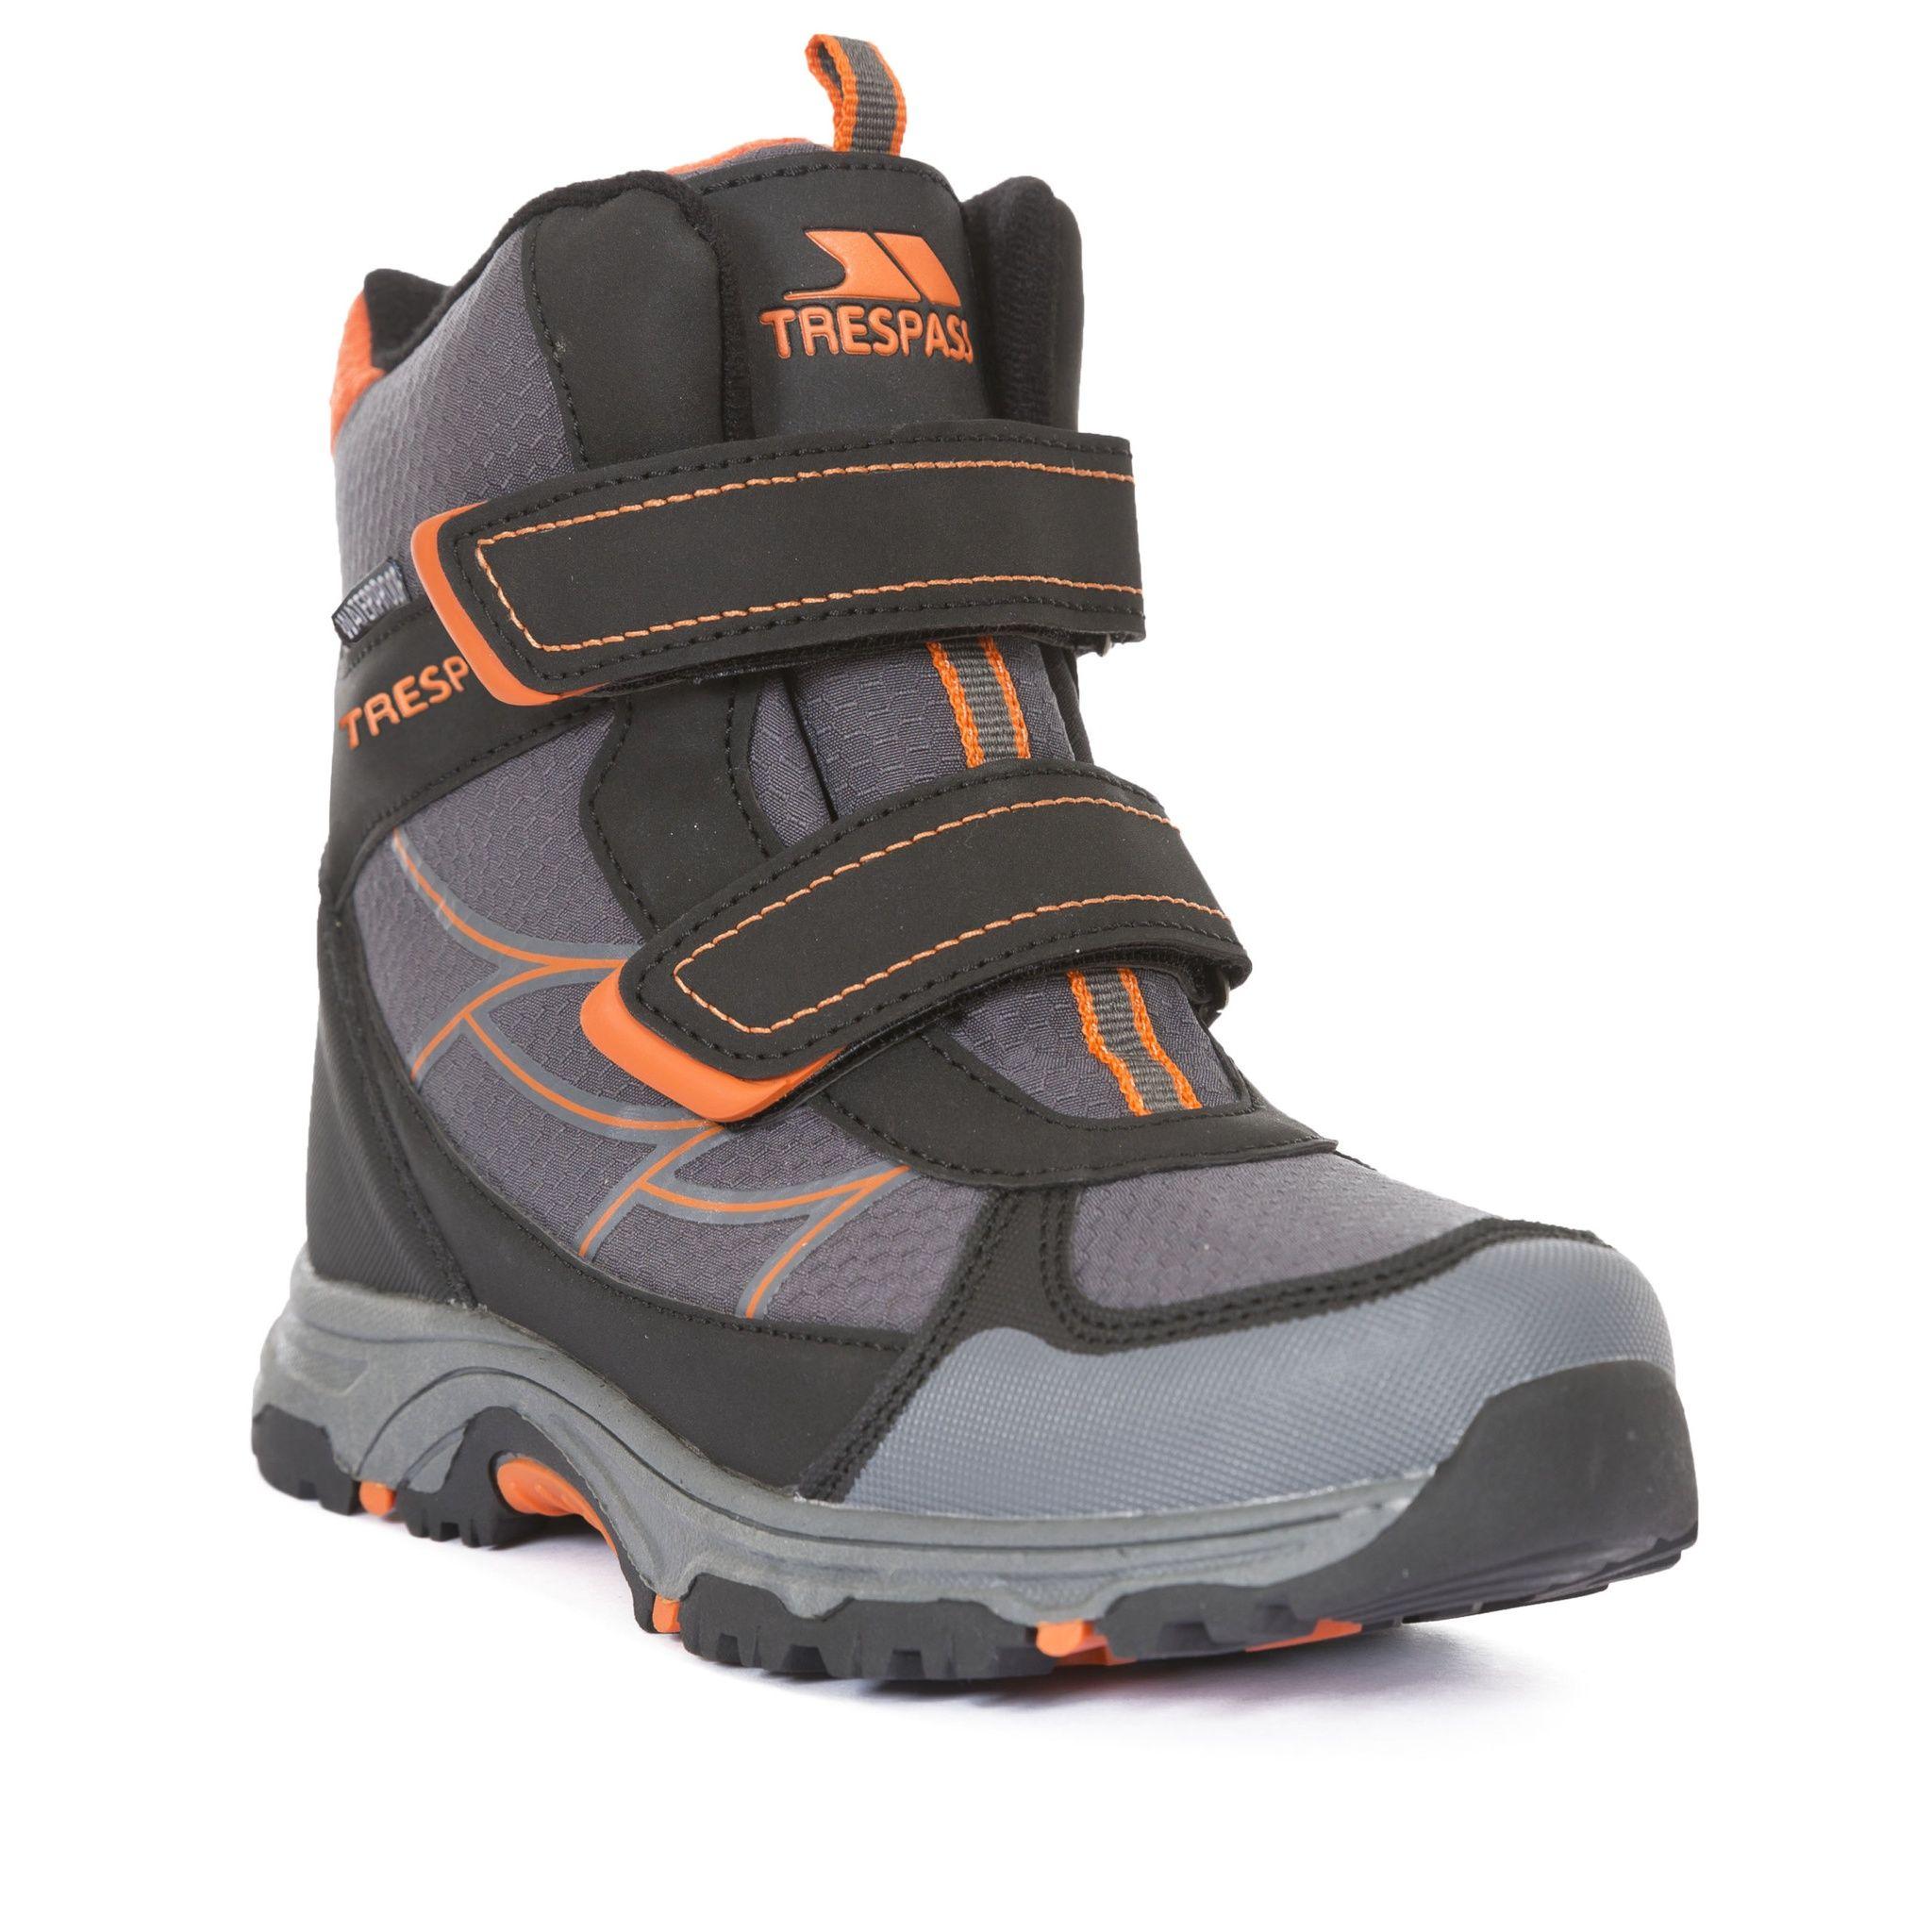 Trespass Childrens/Kids Julien Waterproof Winter Boots